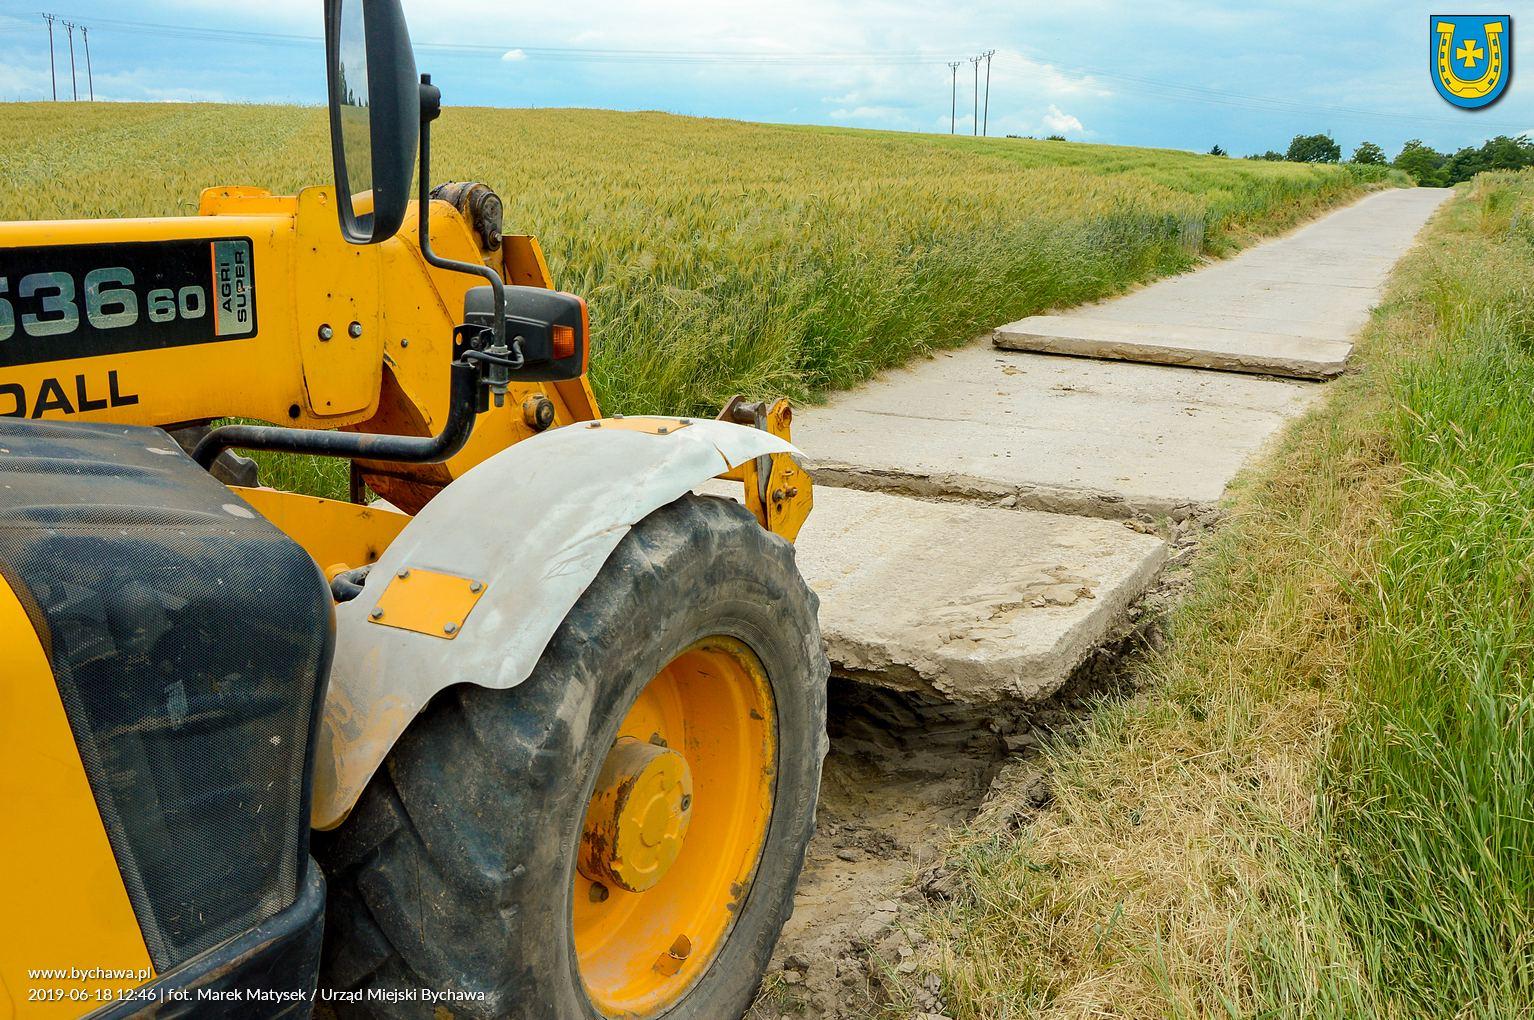 Trwają prace w miejscowości Wincentówek. Zdejmowane są zużyte płyty drogowe stanowiące obecną nawierzchnię drogi